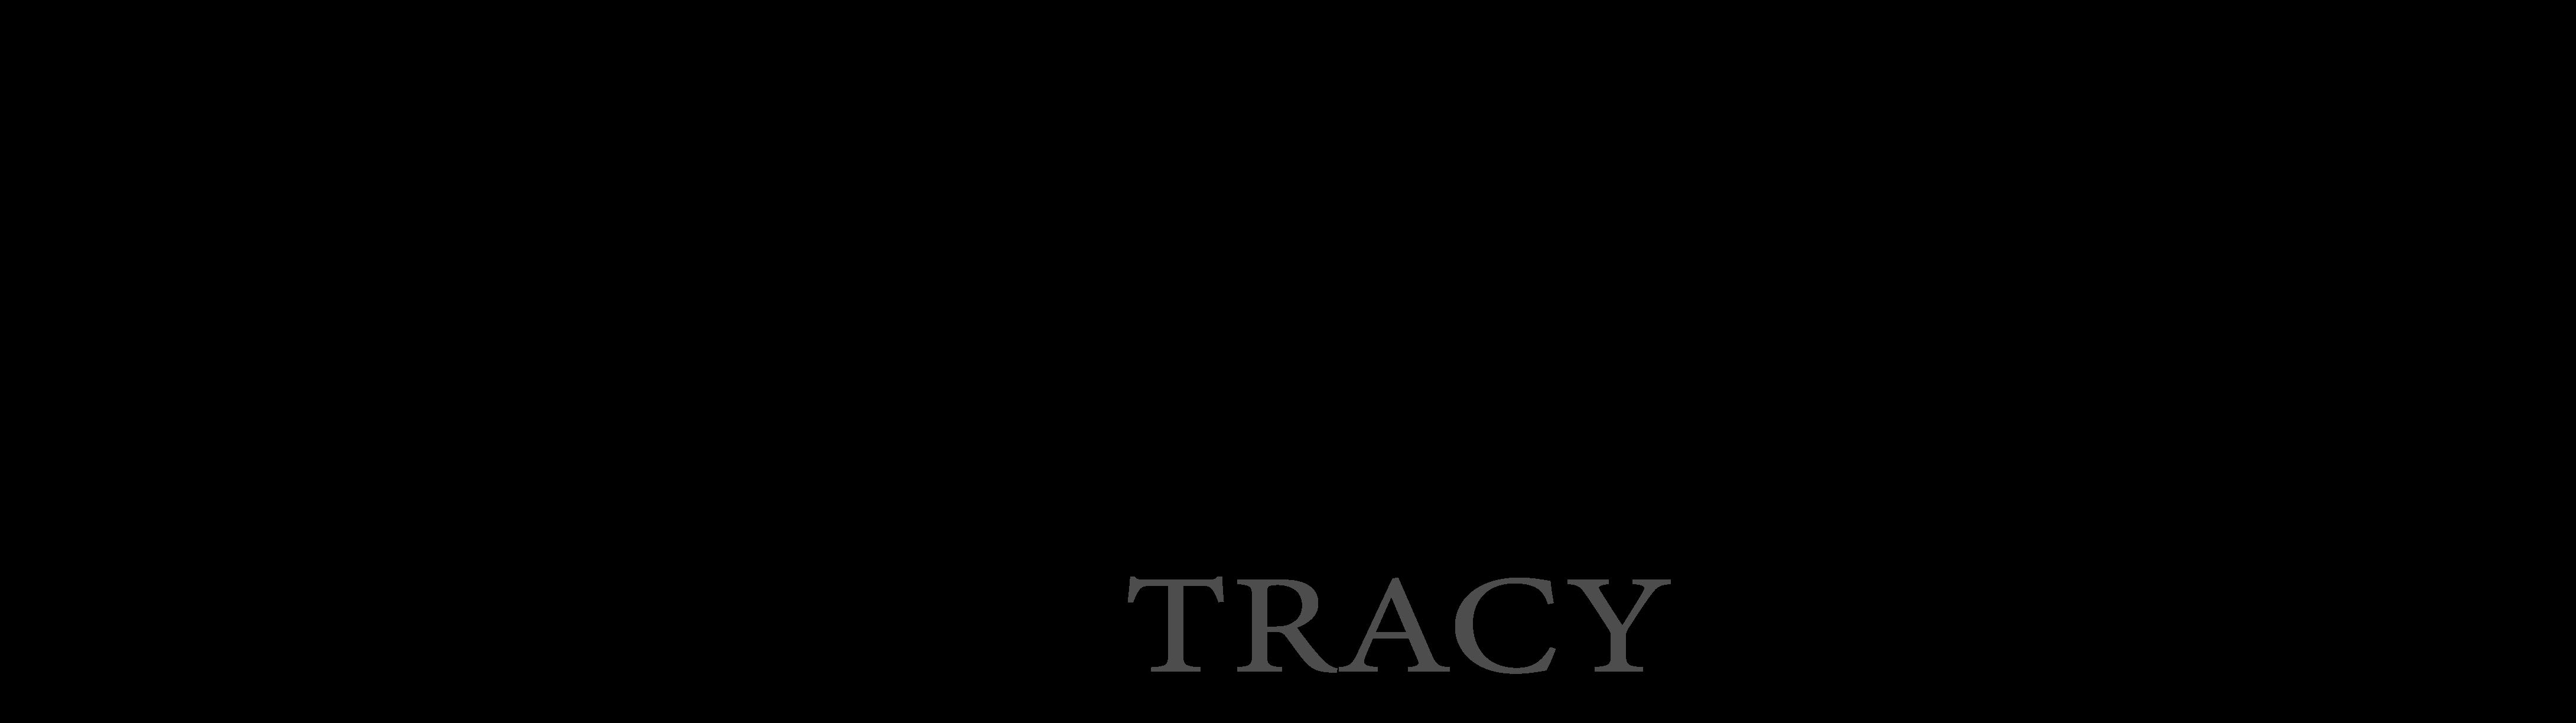 TRACY FEICKERT